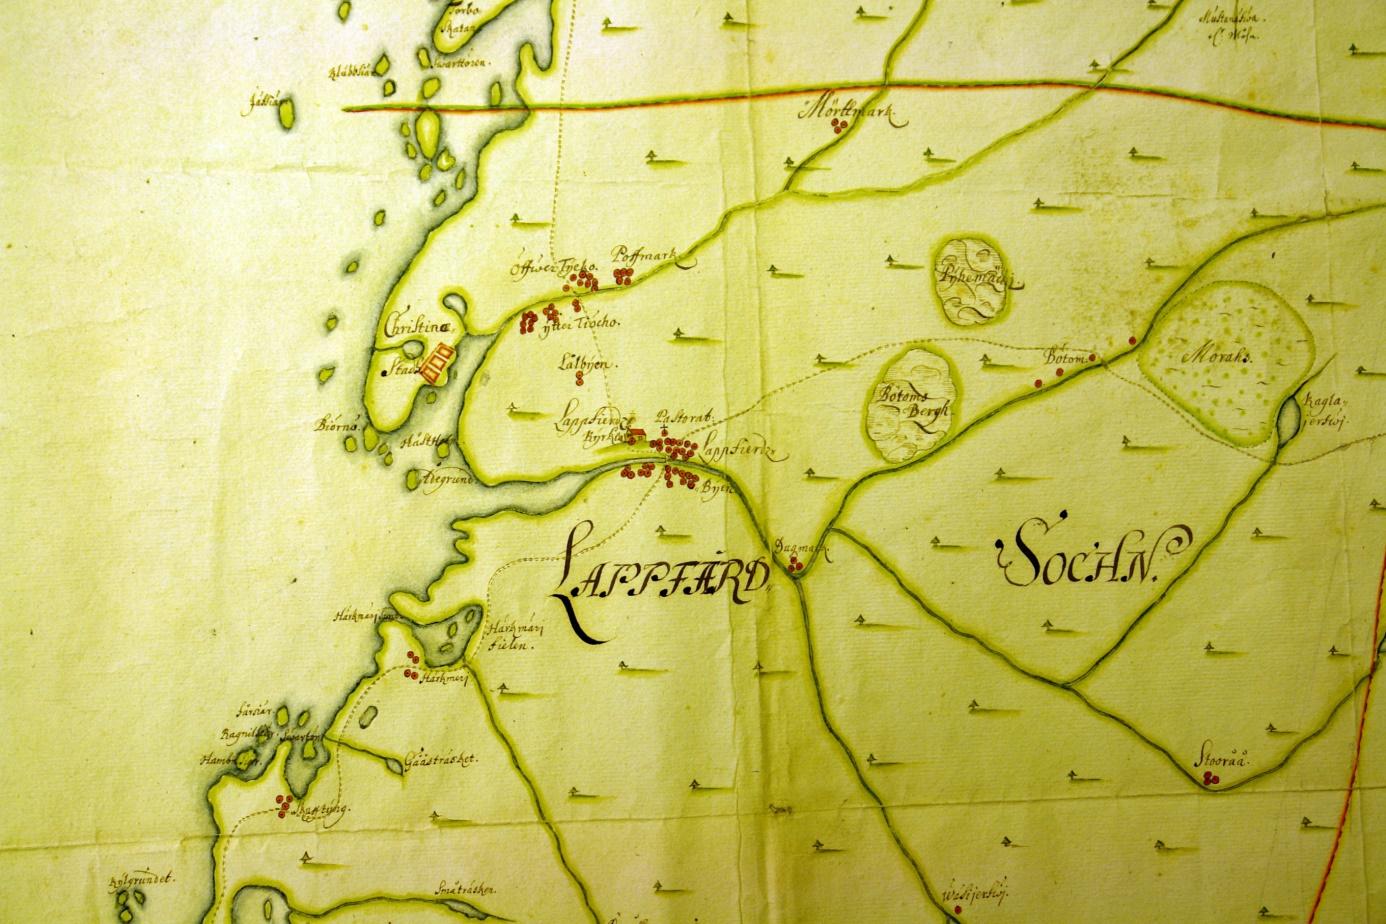 På denna karta från slutet av 1600-talet så ser man att det i Skaftung fanns 4 hemman, likaså i Härkmeri. I Lappfjärd fanns det närmare 30 hemman medan det i Dagsmark fanns endast 3.